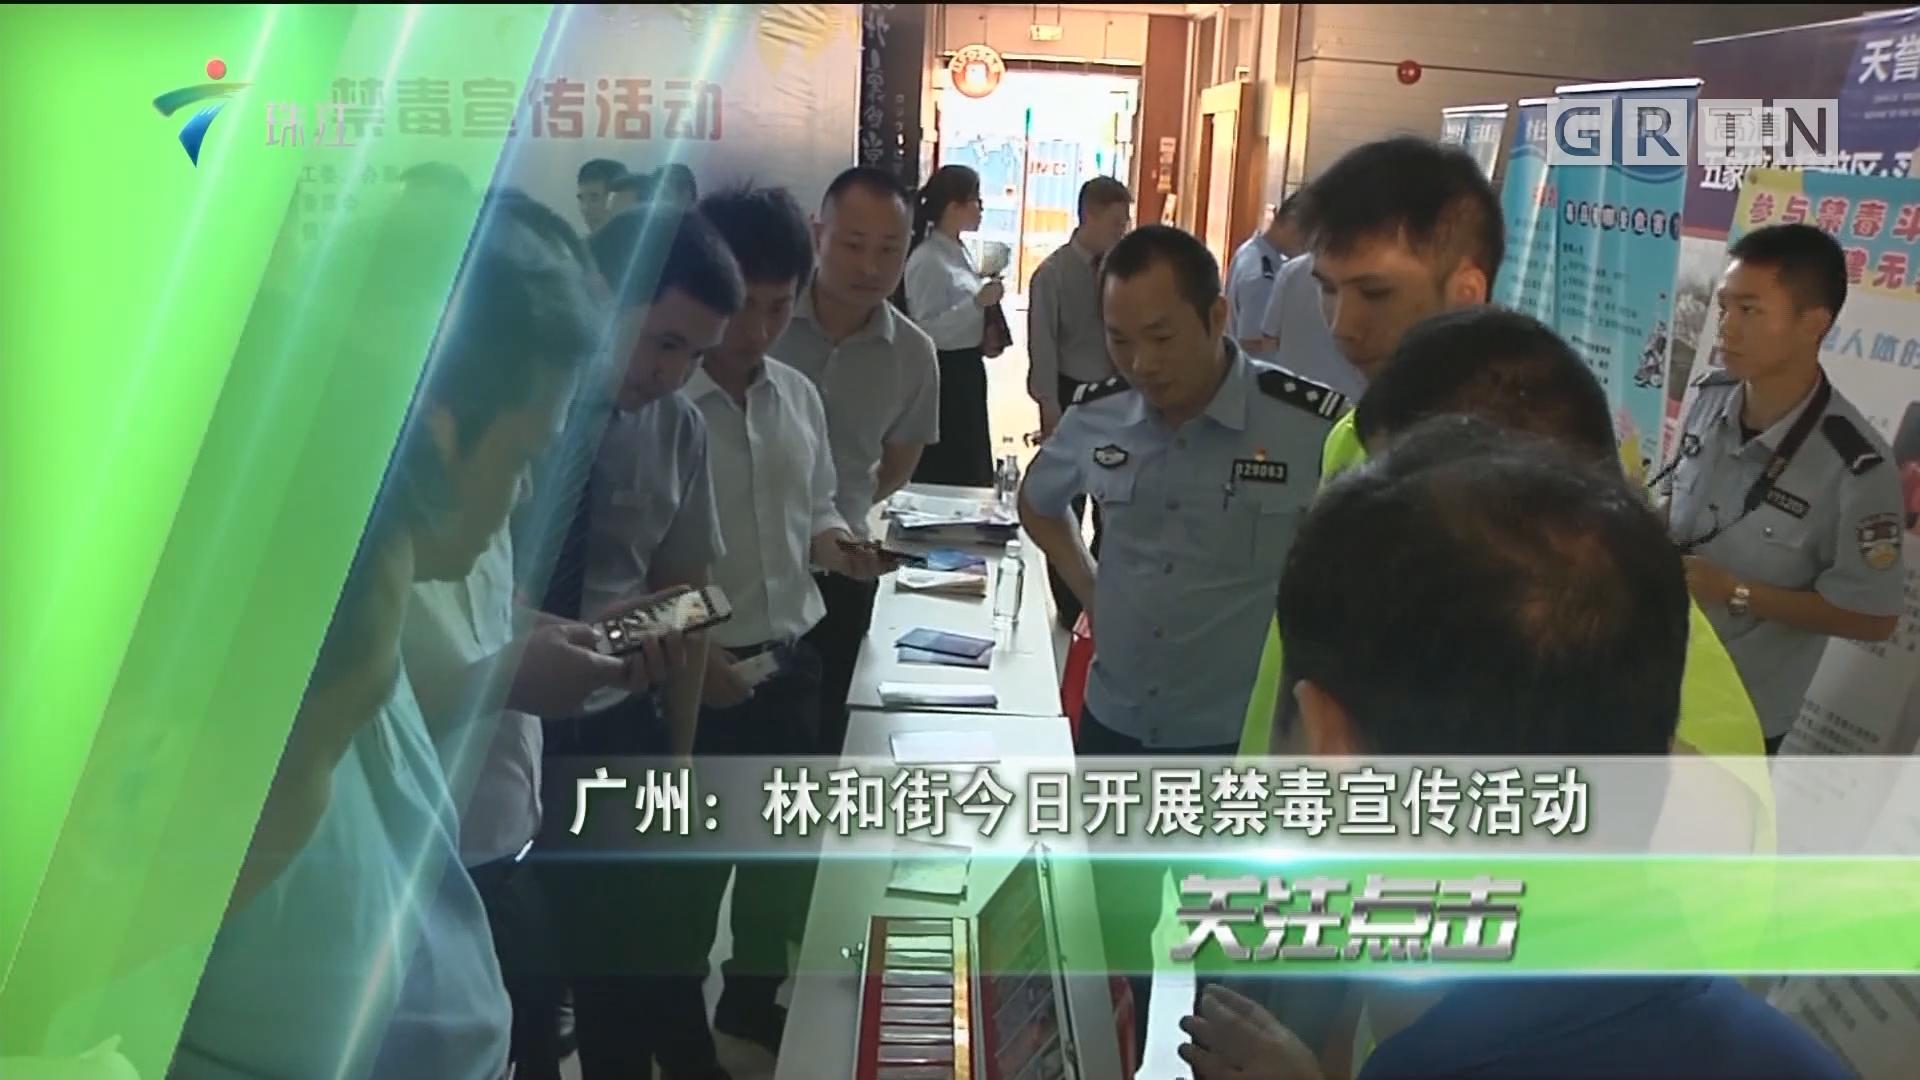 广州:林和街今日开展禁毒宣传活动